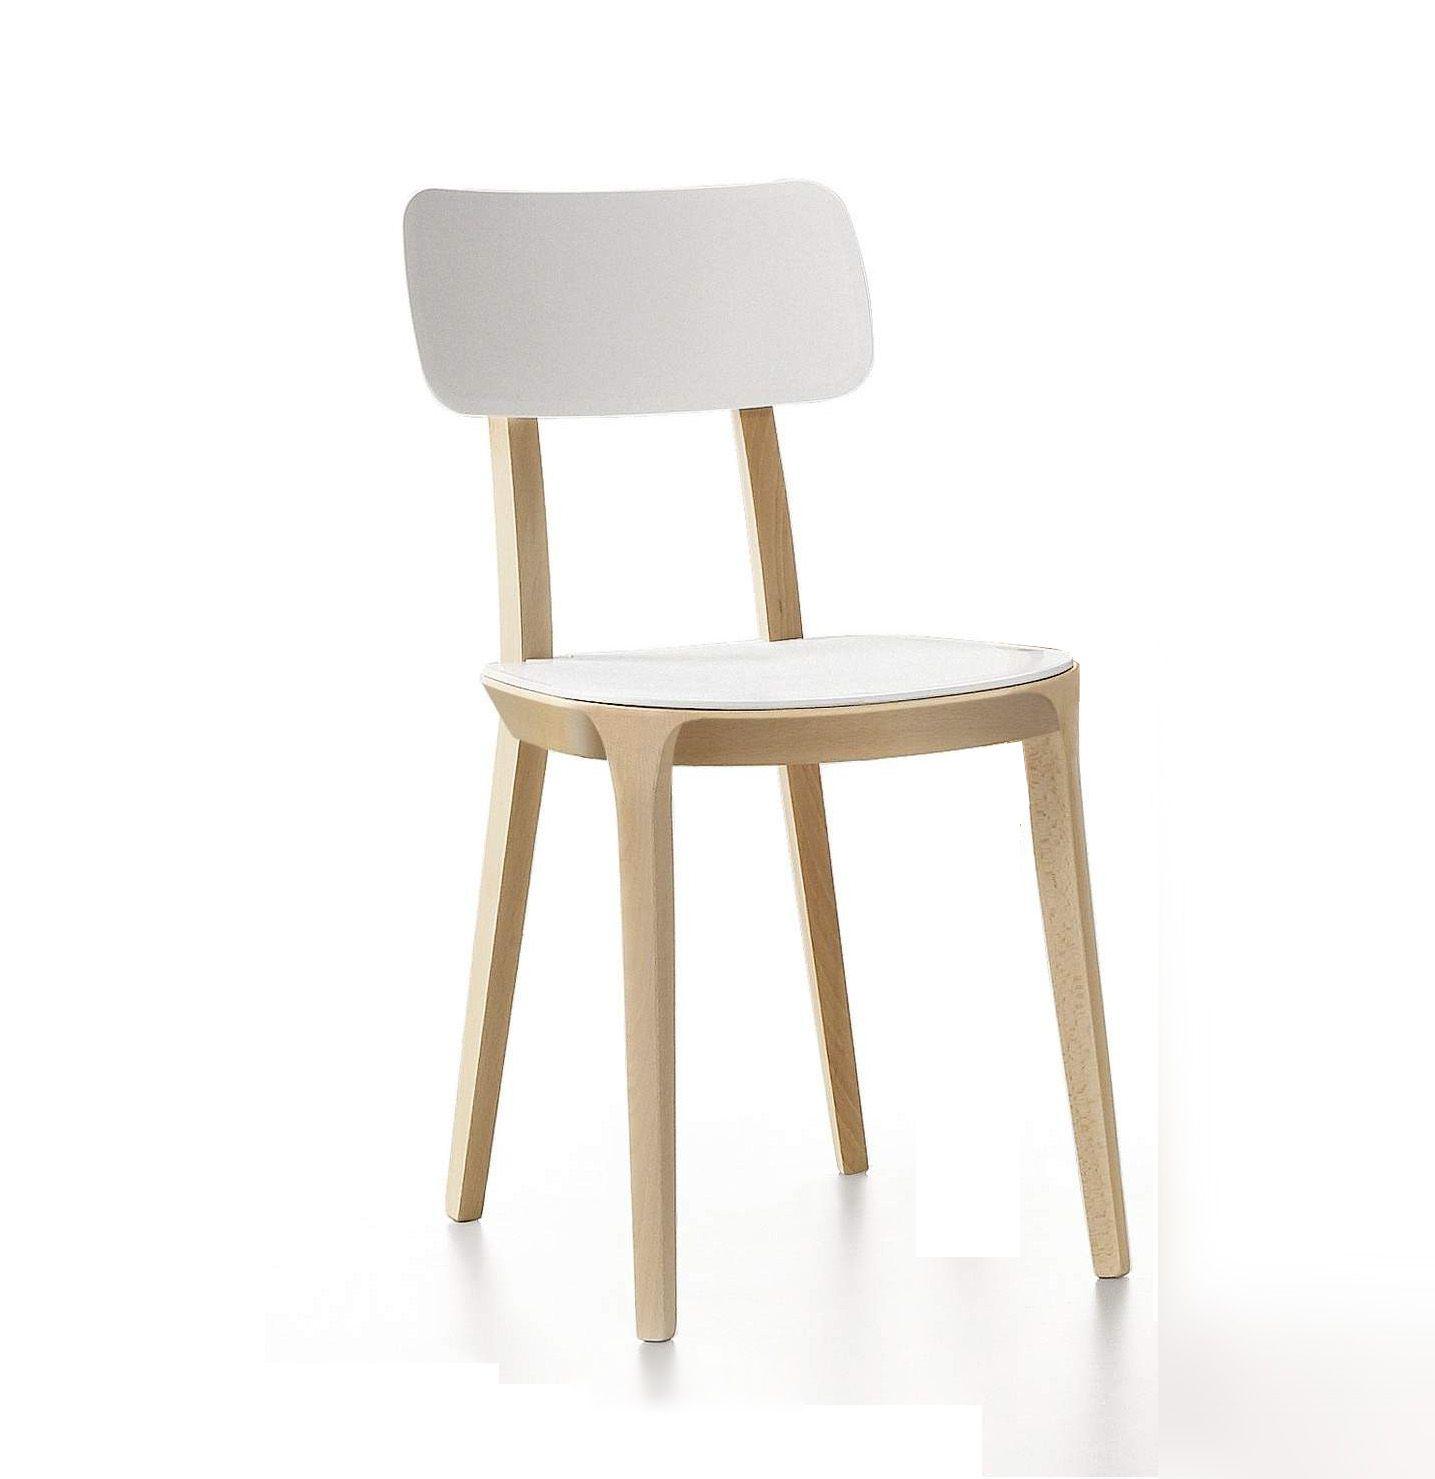 Stuhle Designer Leder Esszimmer Stuhle Moderne Stuhl Design